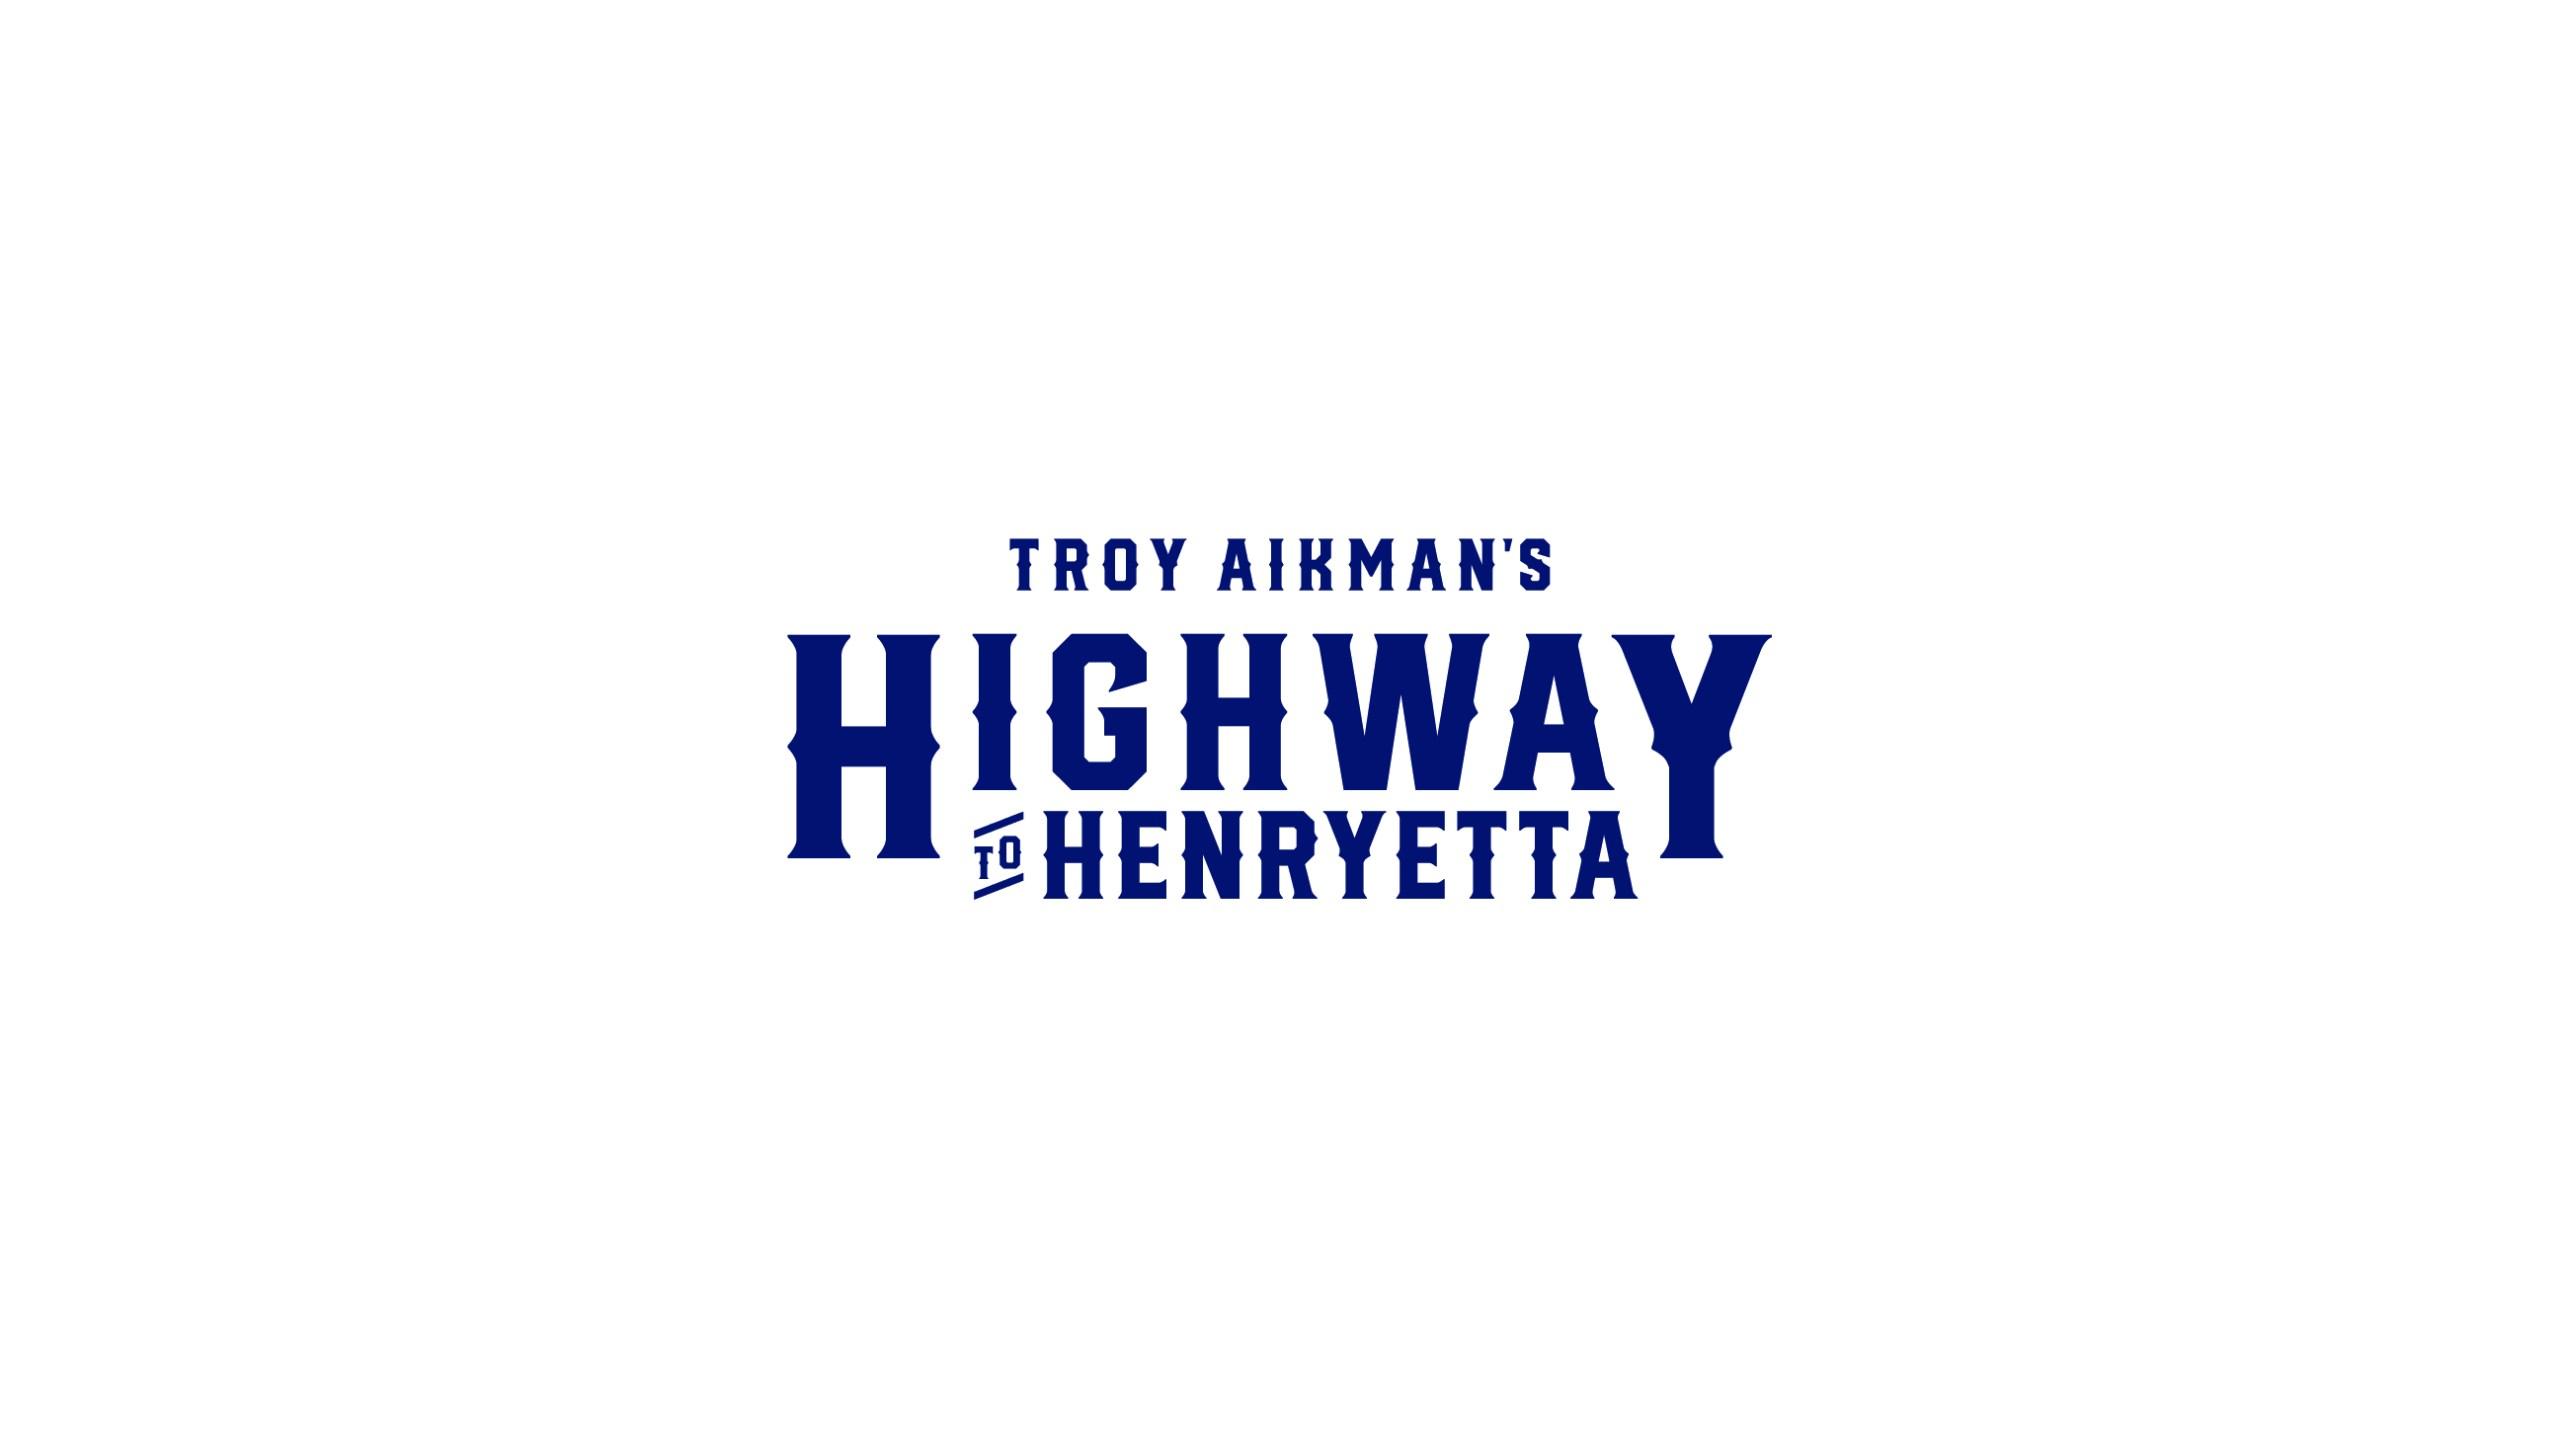 Troy Aikman's Highway to Henryetta